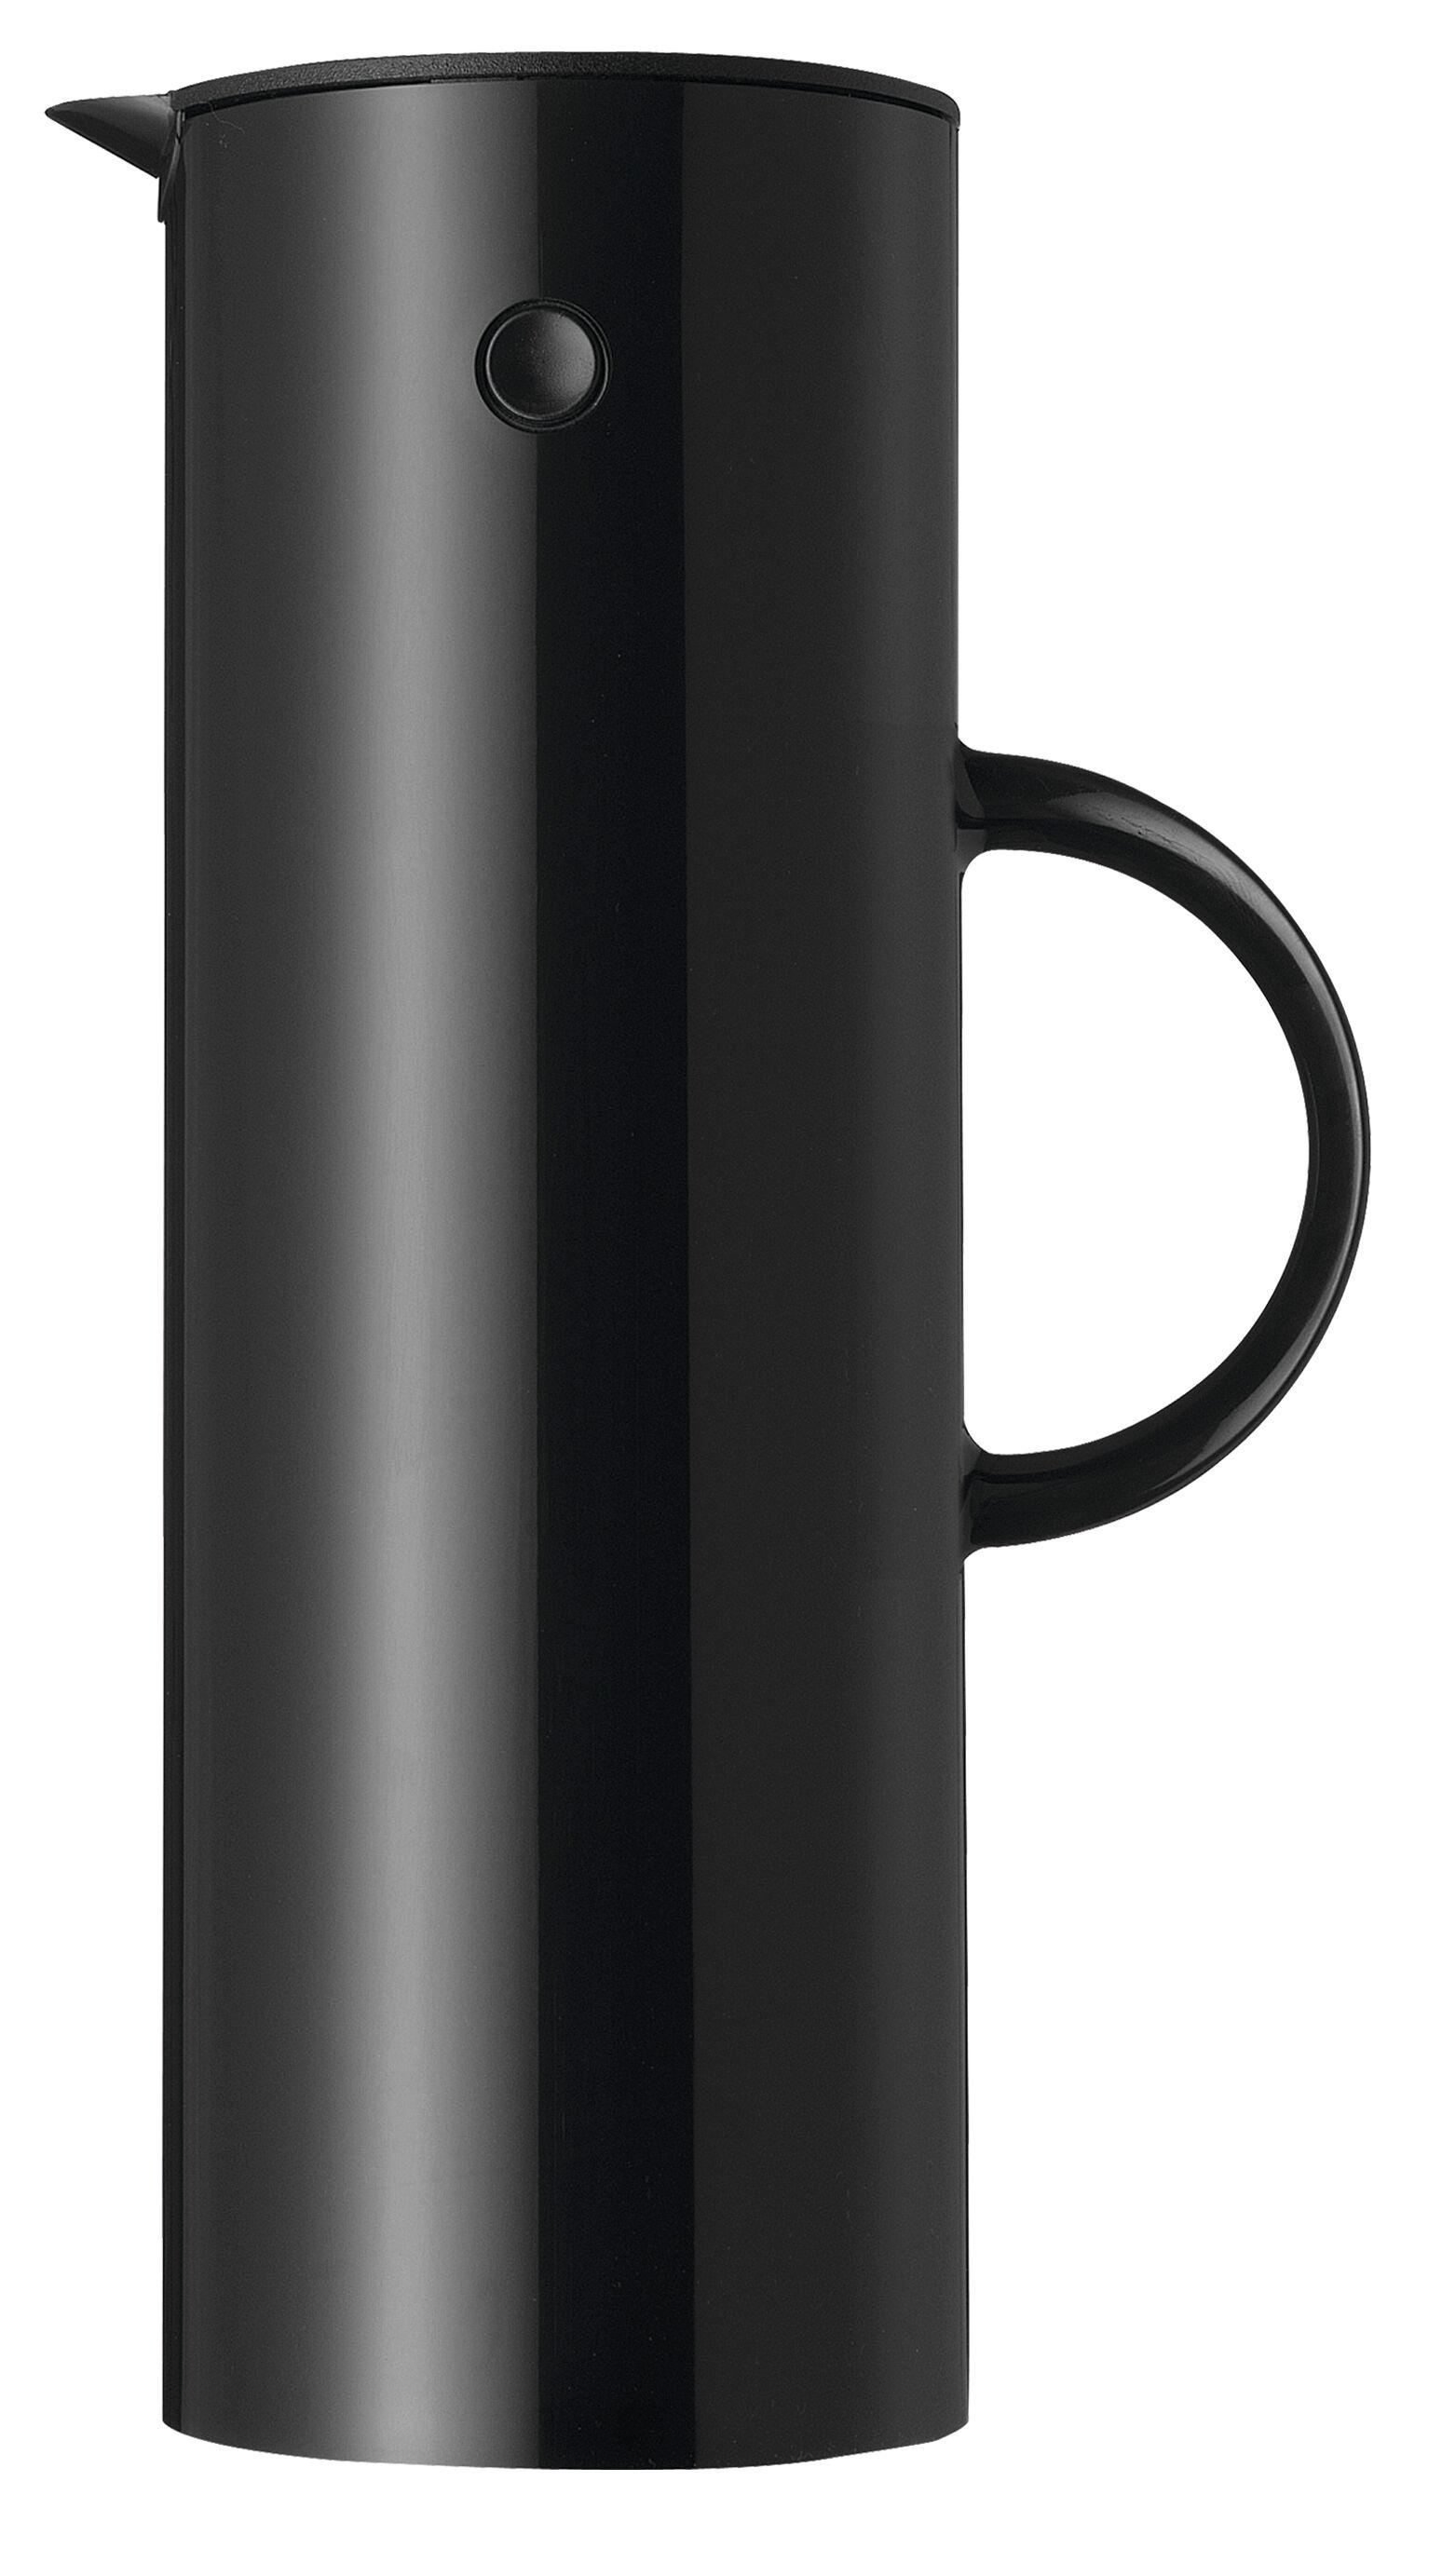 Isolierkanne Em 77 schwarz von Stelton